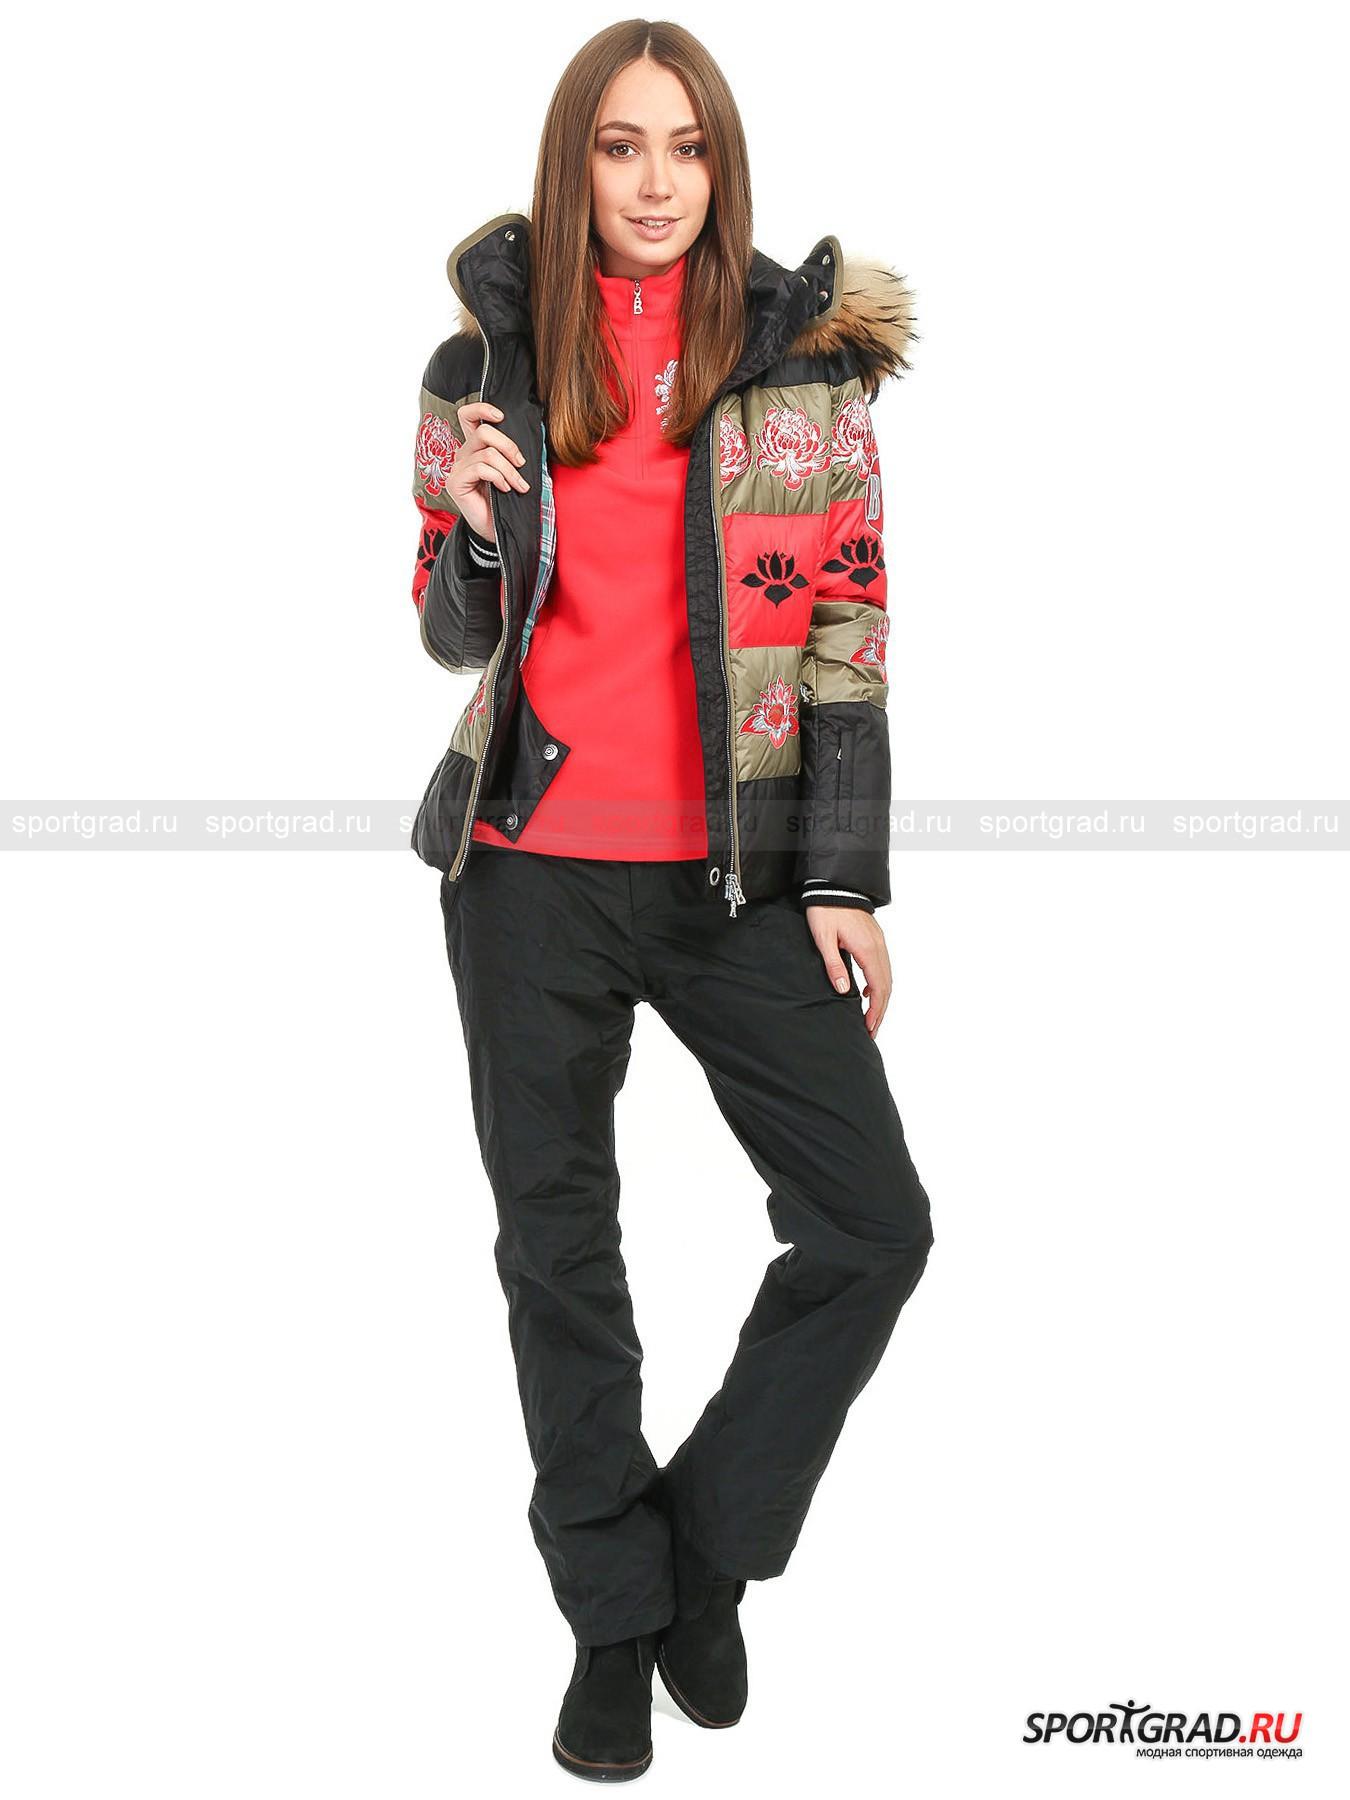 Горнолыжная Одежда Bogner Интернет Магазин